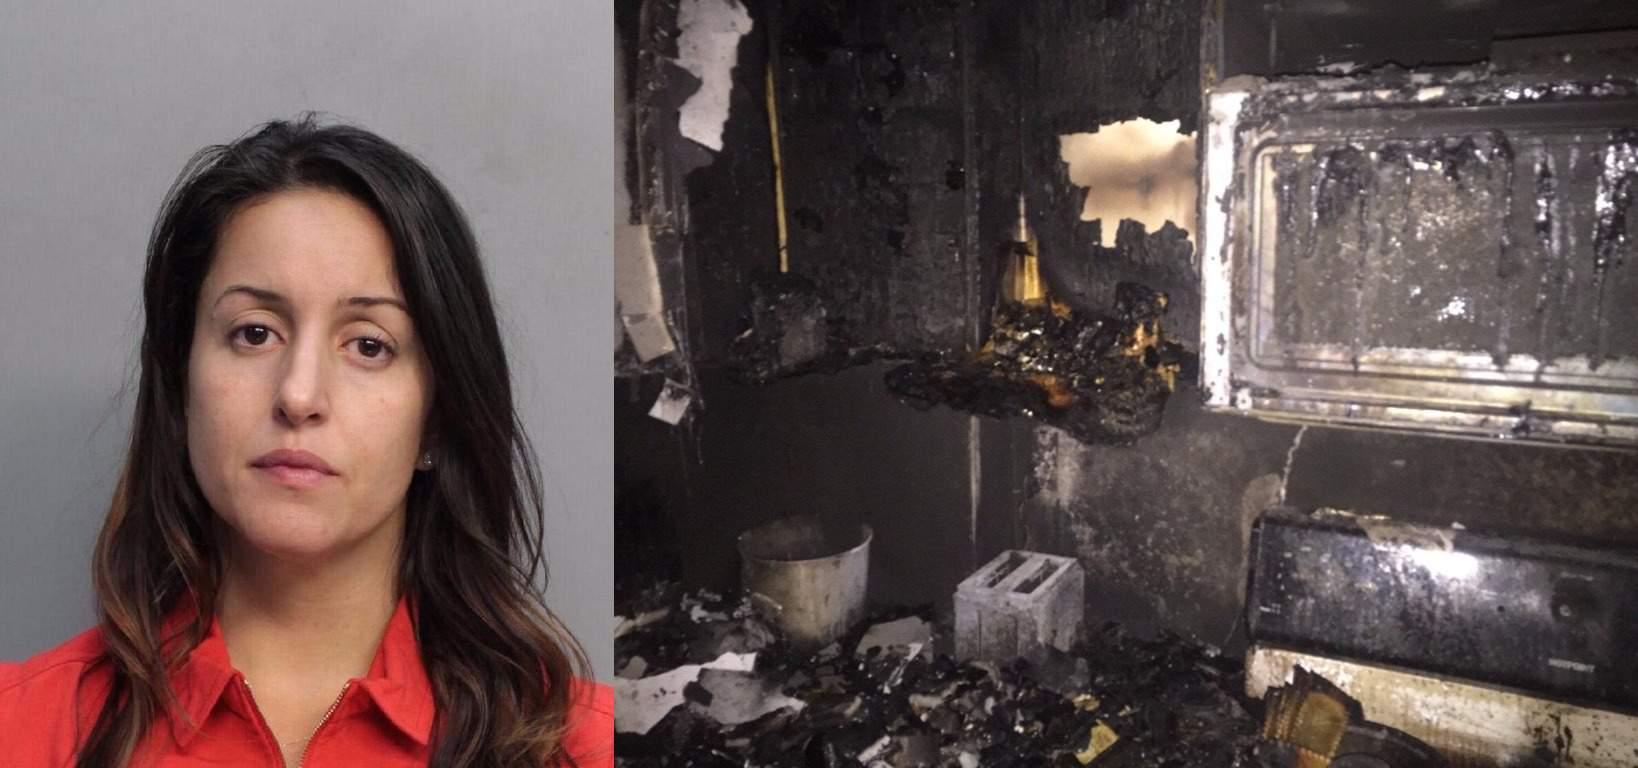 Giornalista abbandona figlia in casa per salvarsi dall'incendio